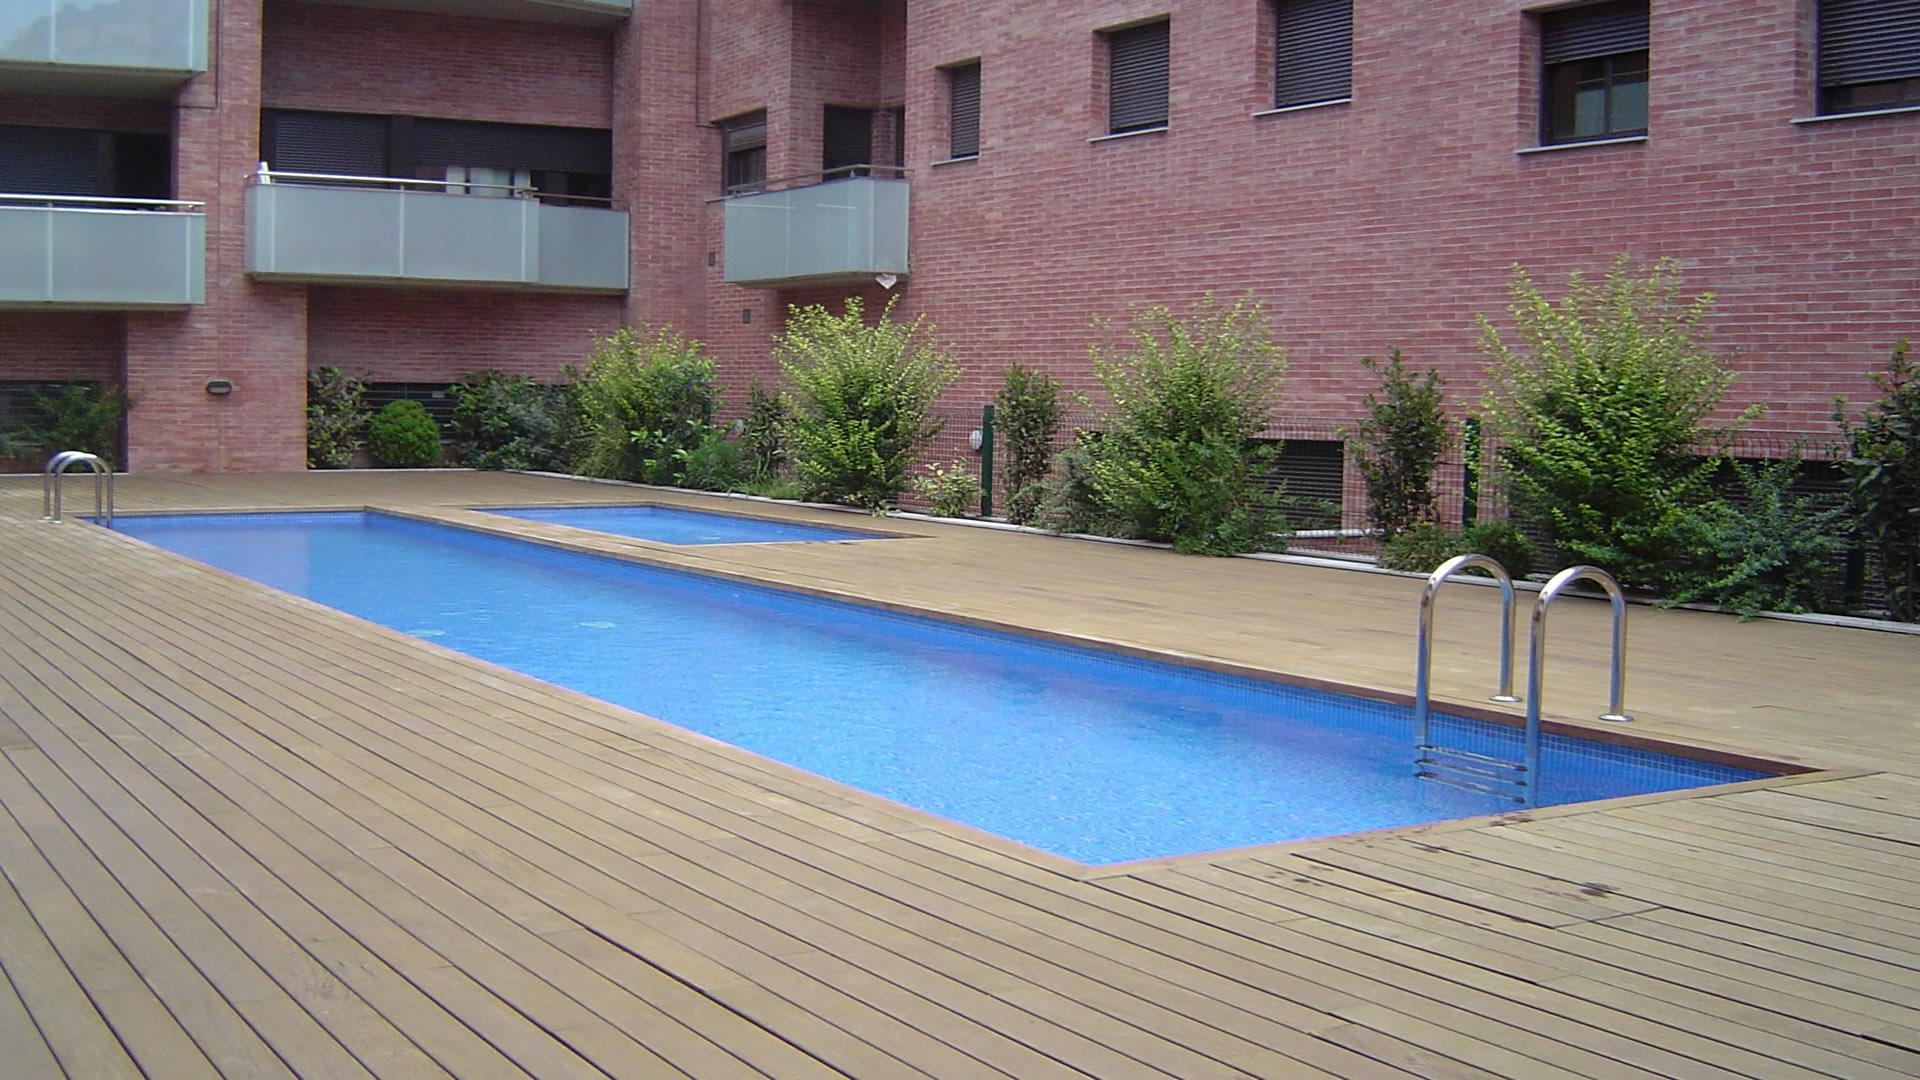 Piscinas construcci n de piscinas precios de piscinas for Construccion de piscinas precios